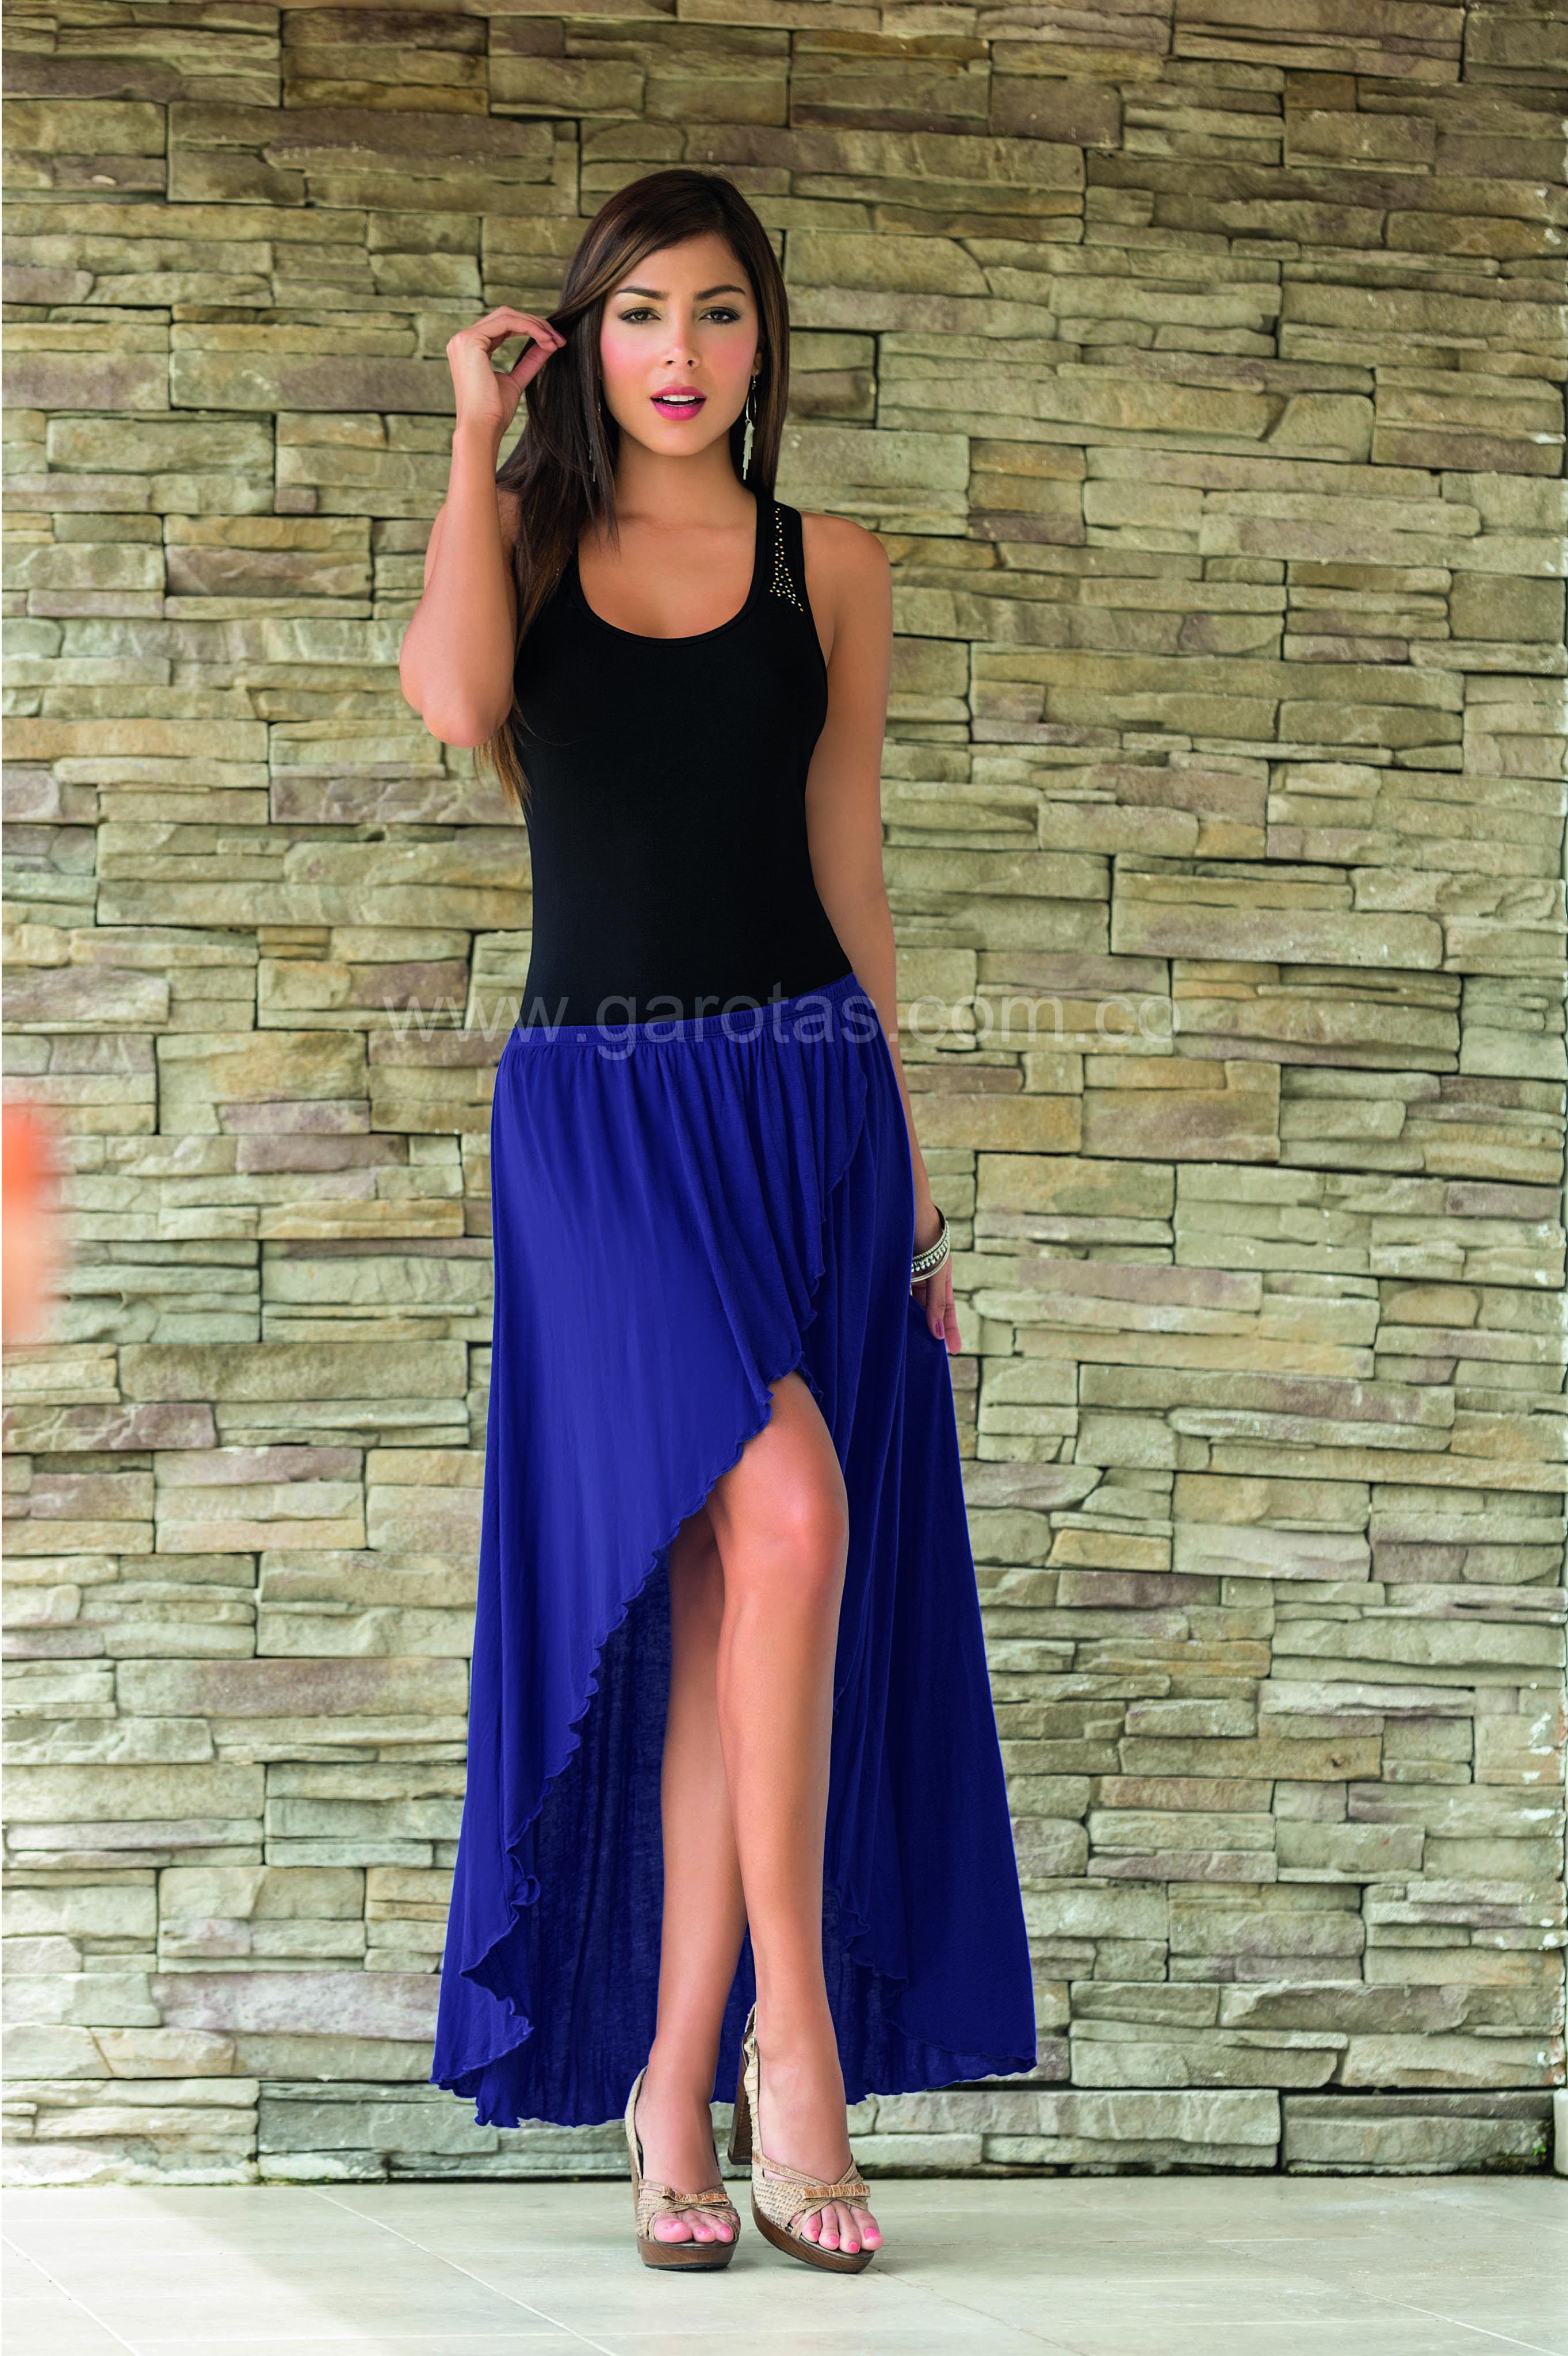 Blusa Y Falda Cola De Pato #Ropa #Vestidos #Moda #Fashion